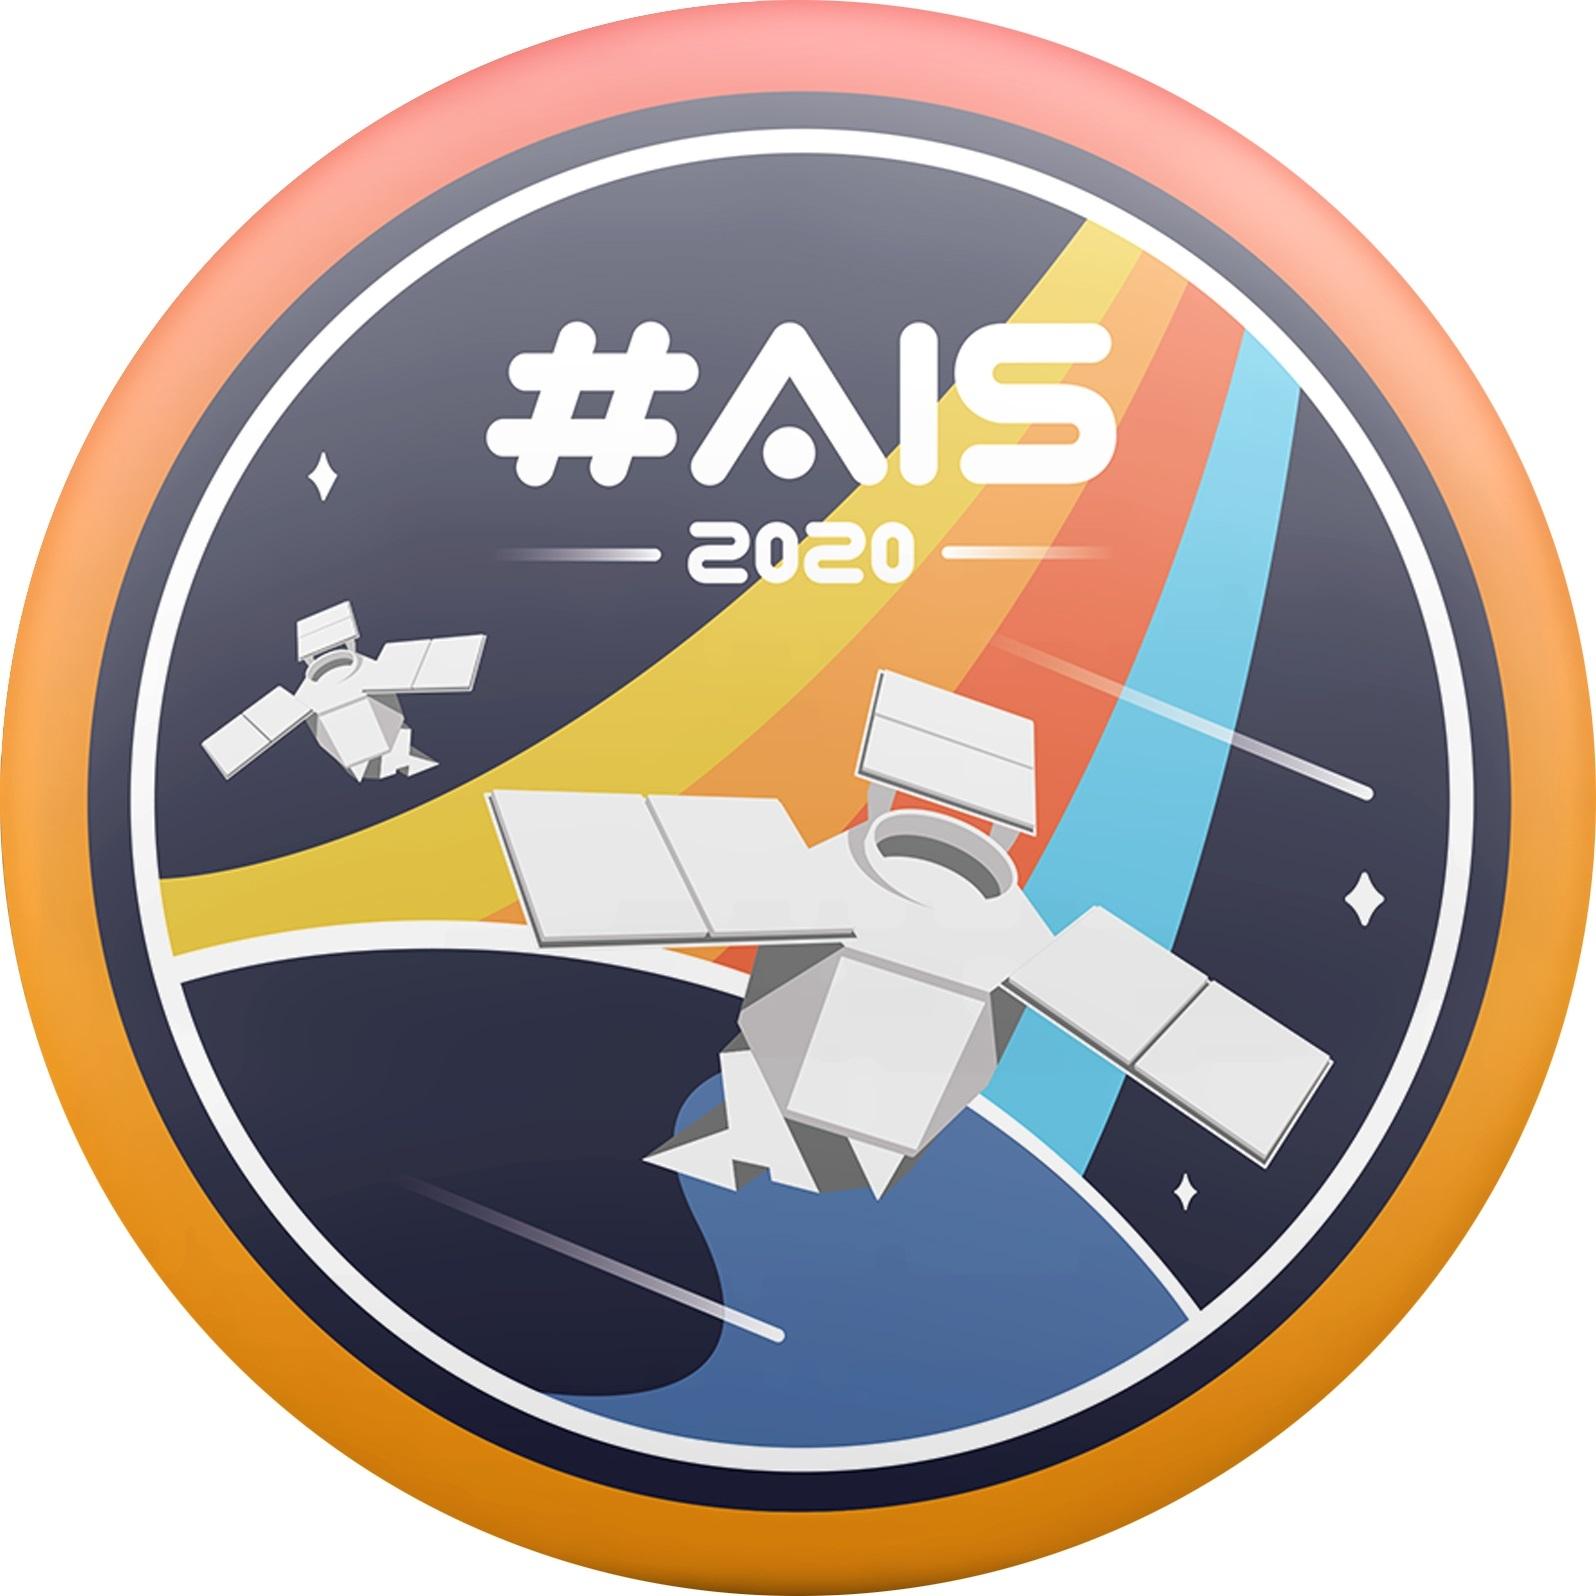 [PRESSE] ActInSpace® 2020 : 2 300 participants au hackathon dans le monde, dont plus de 500 français !